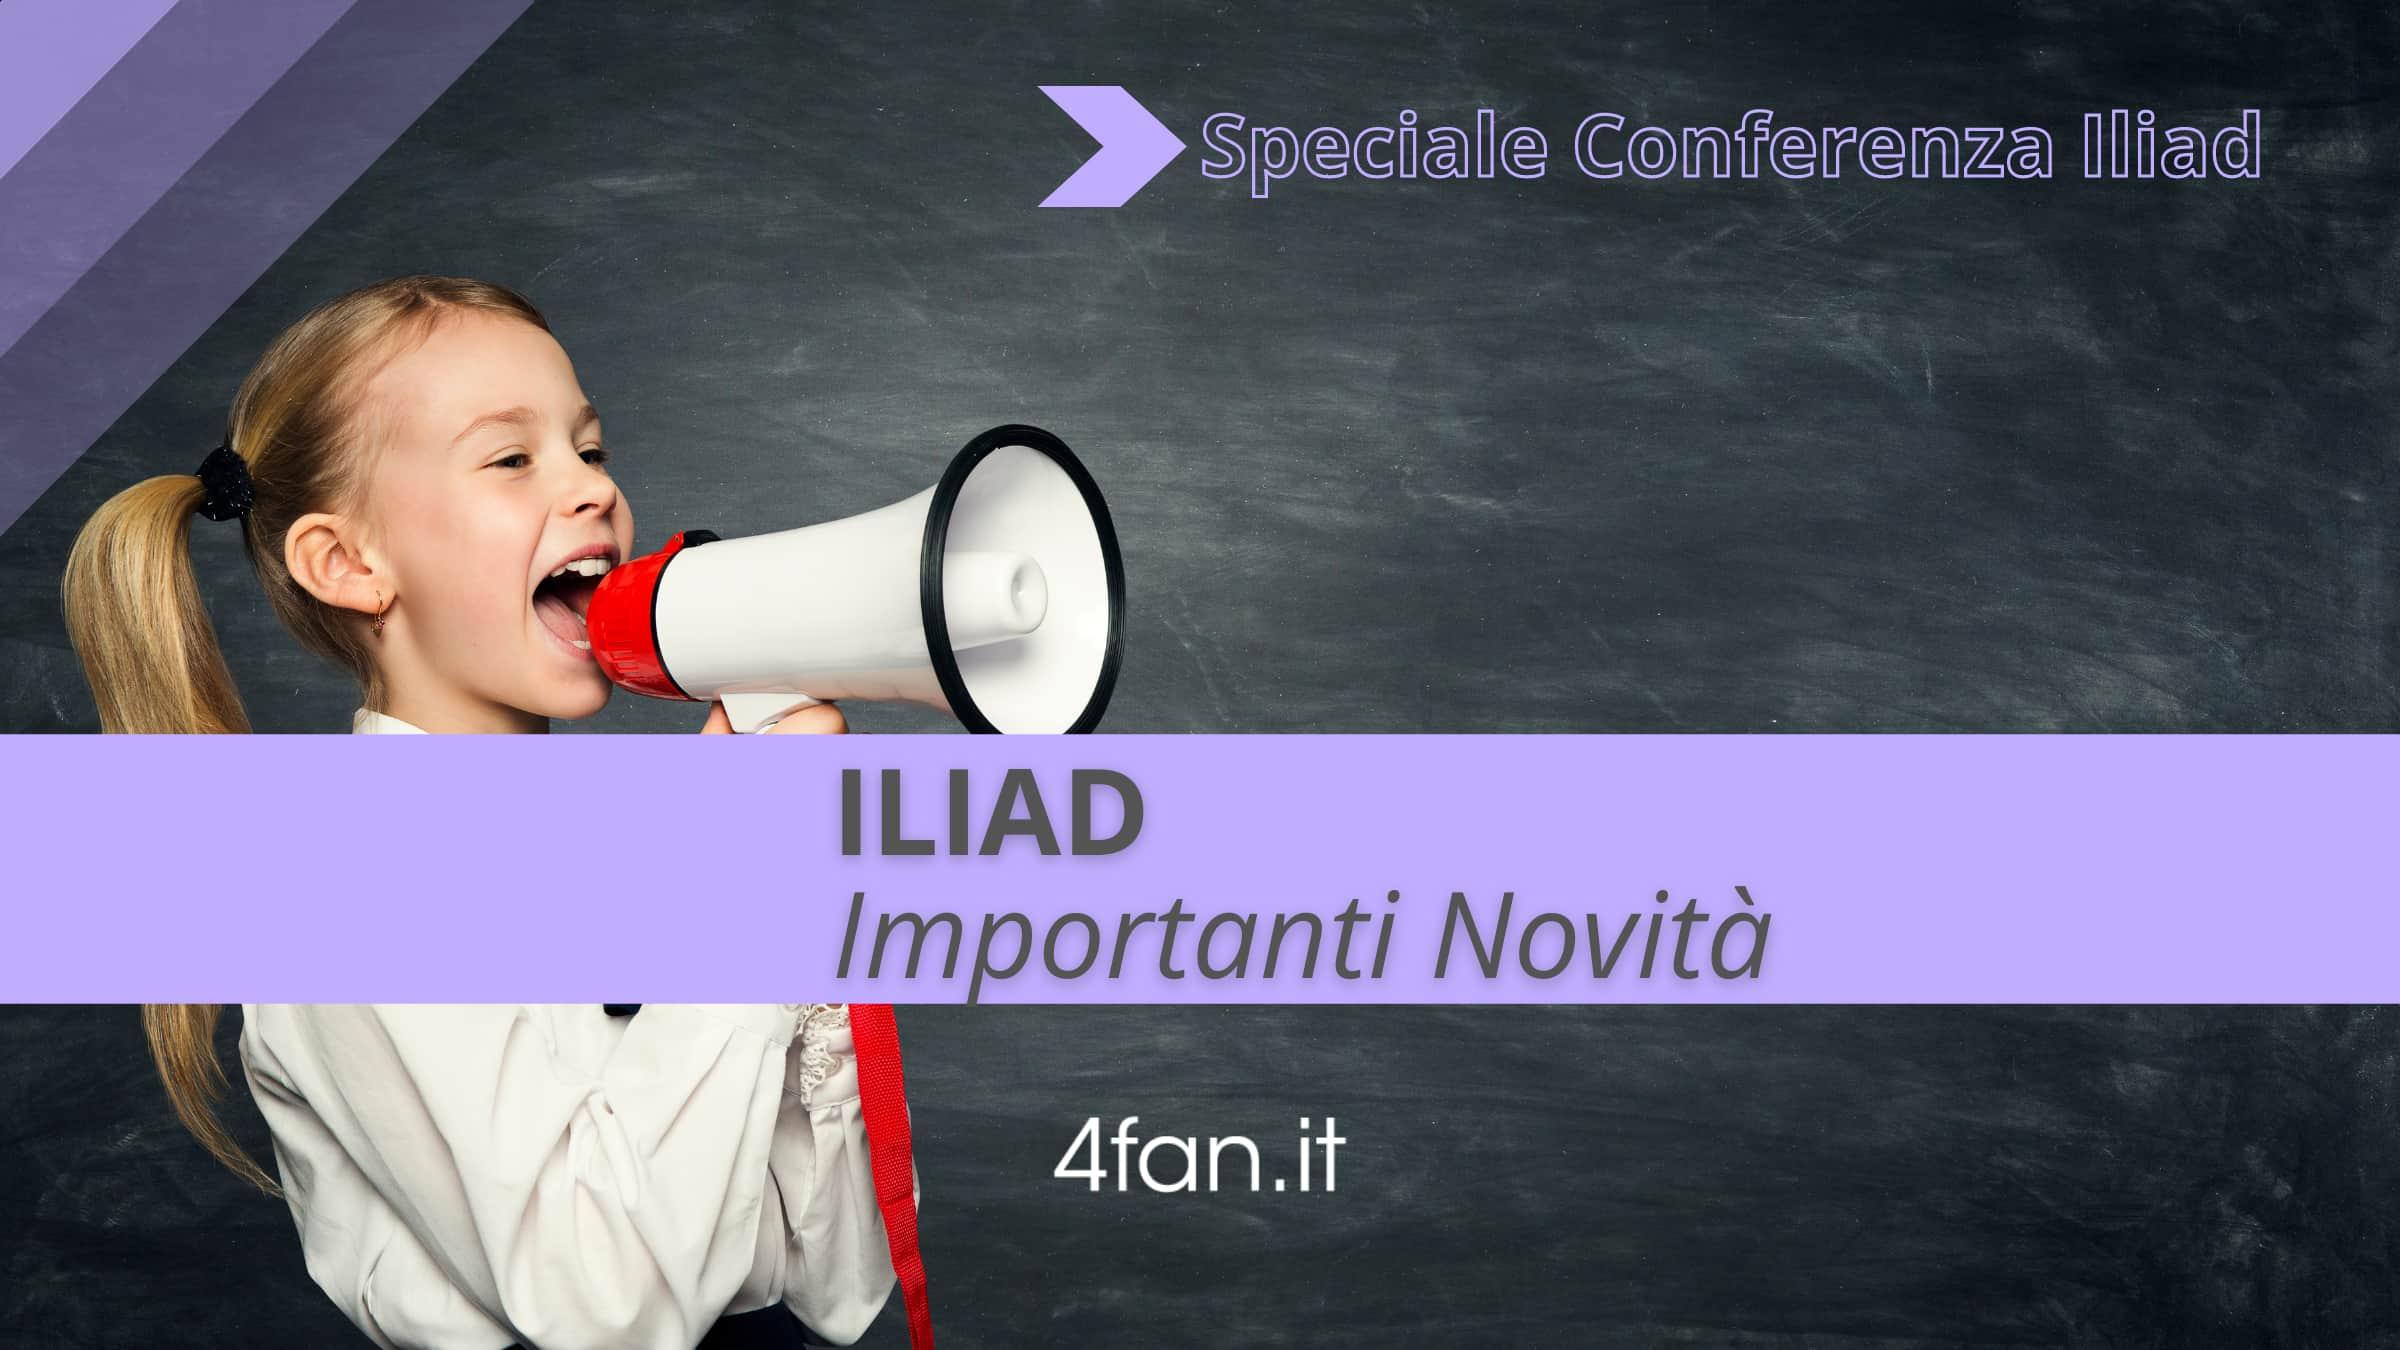 Iliad data telefonia fissa. Conferenza Iliad